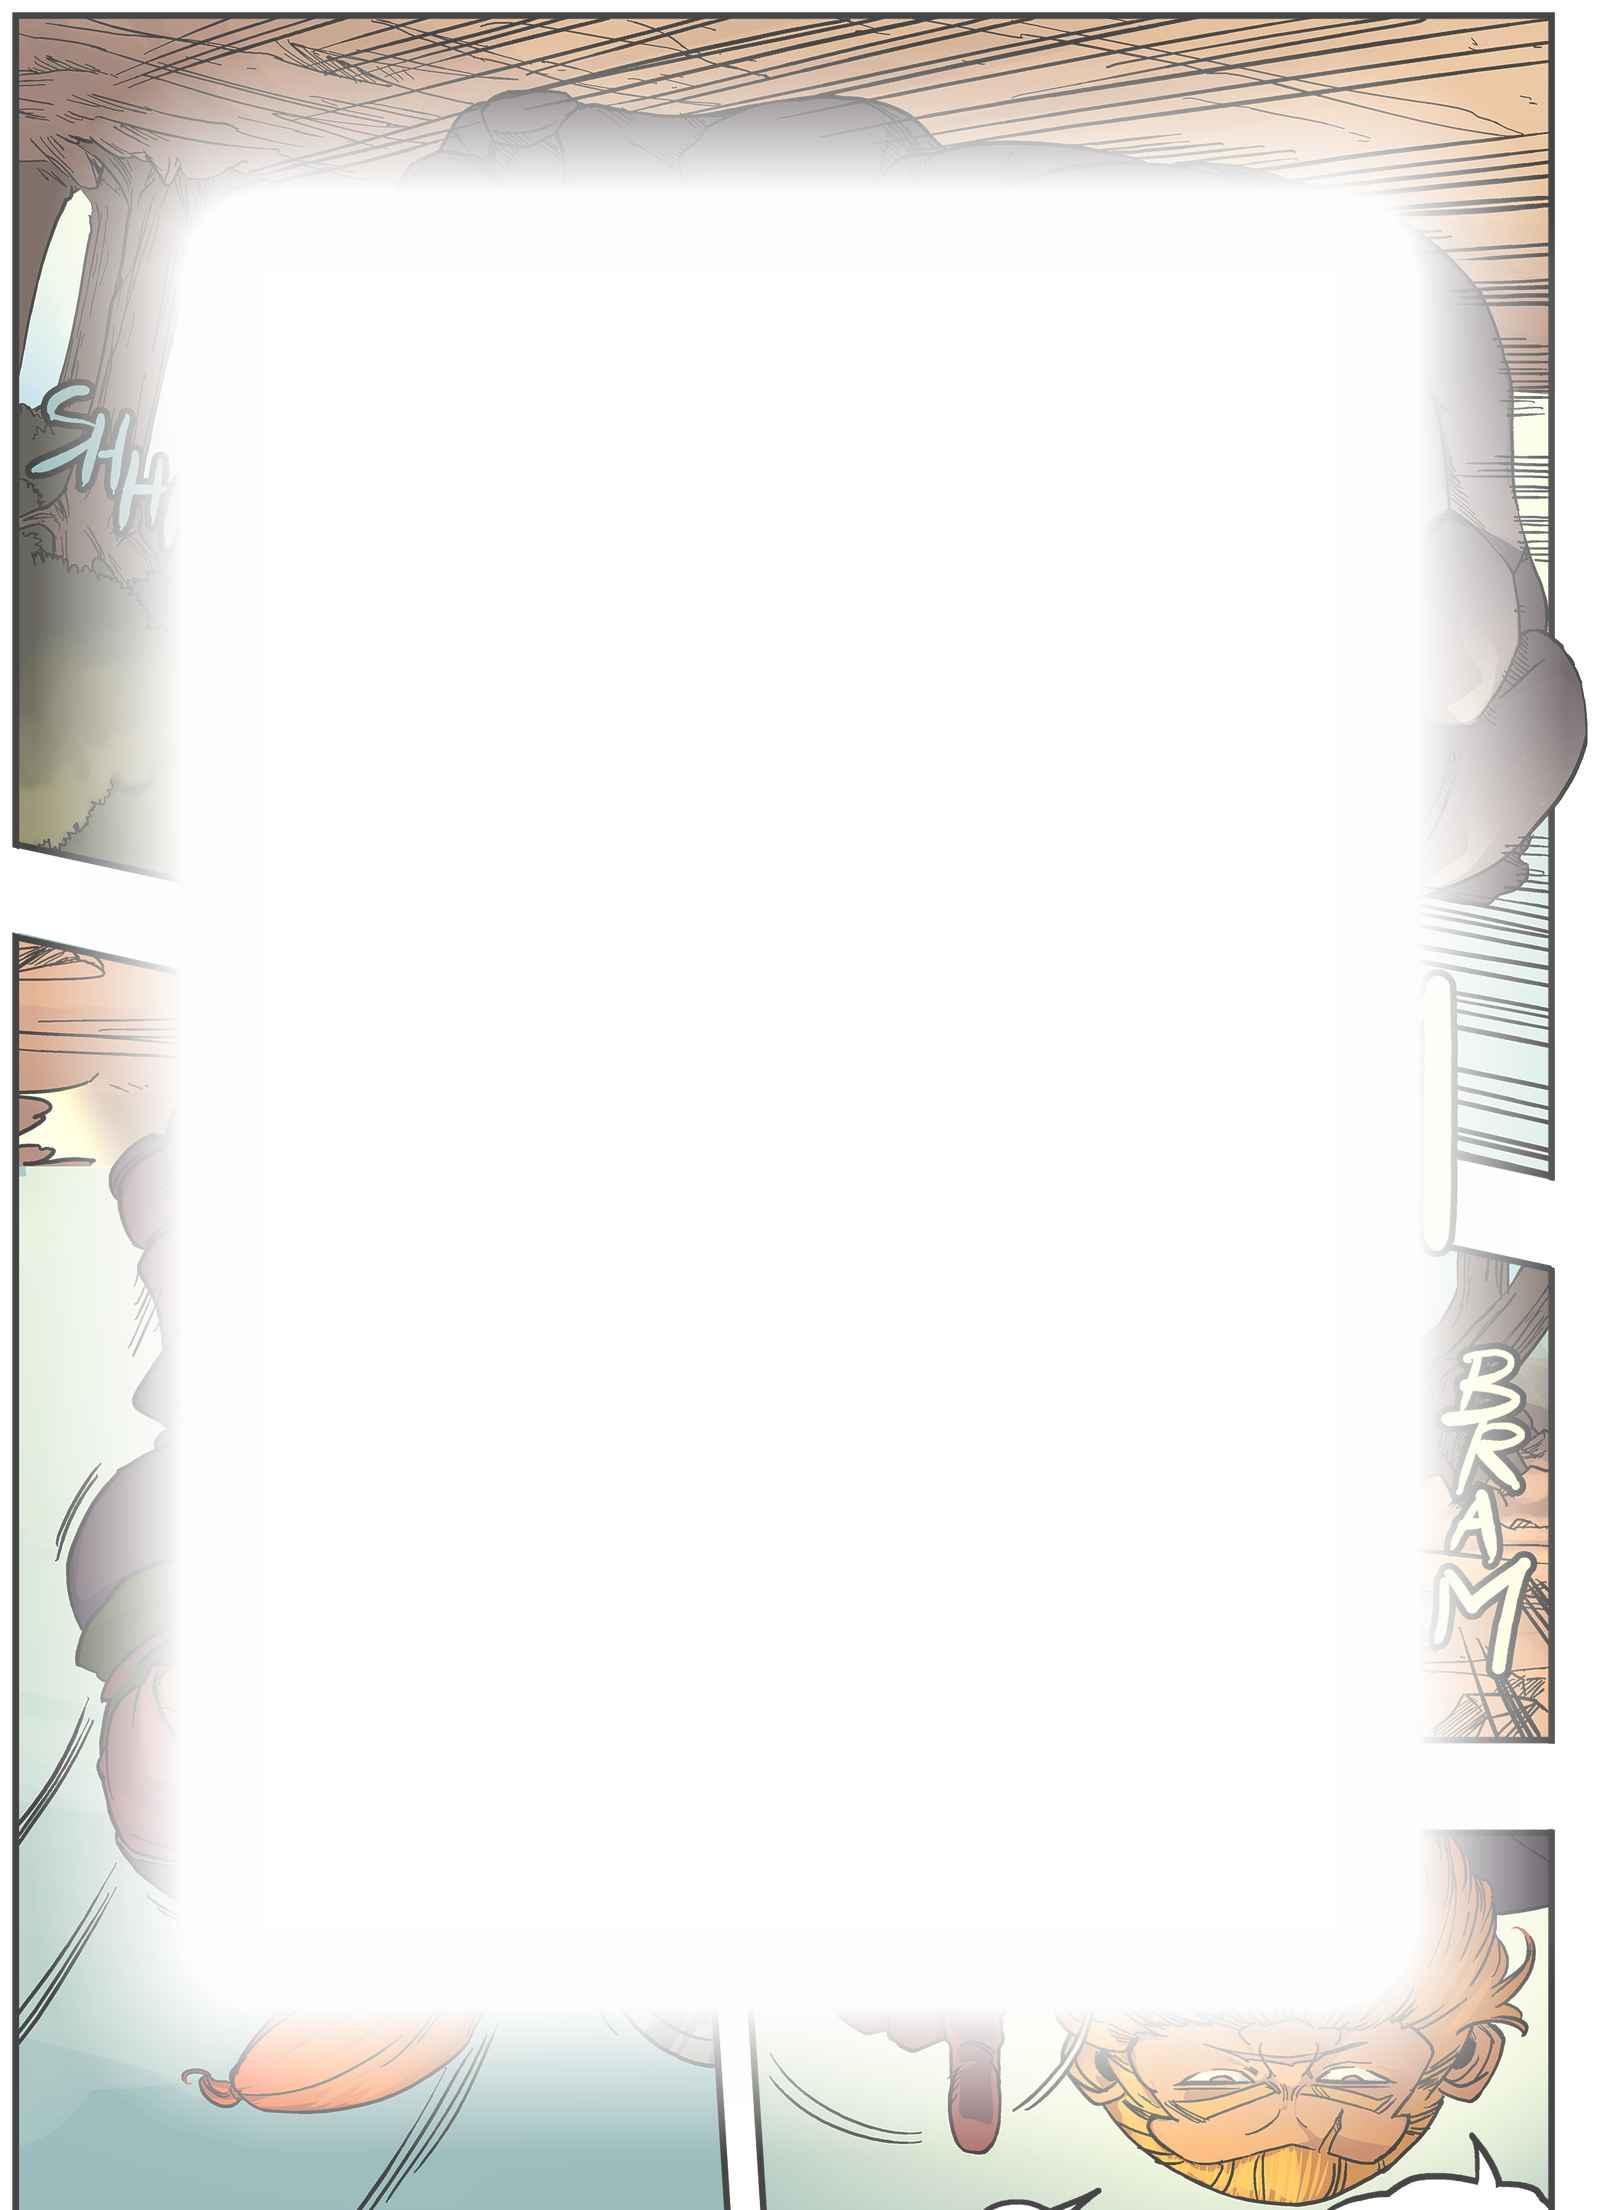 Hémisphères : Chapitre 10 page 20